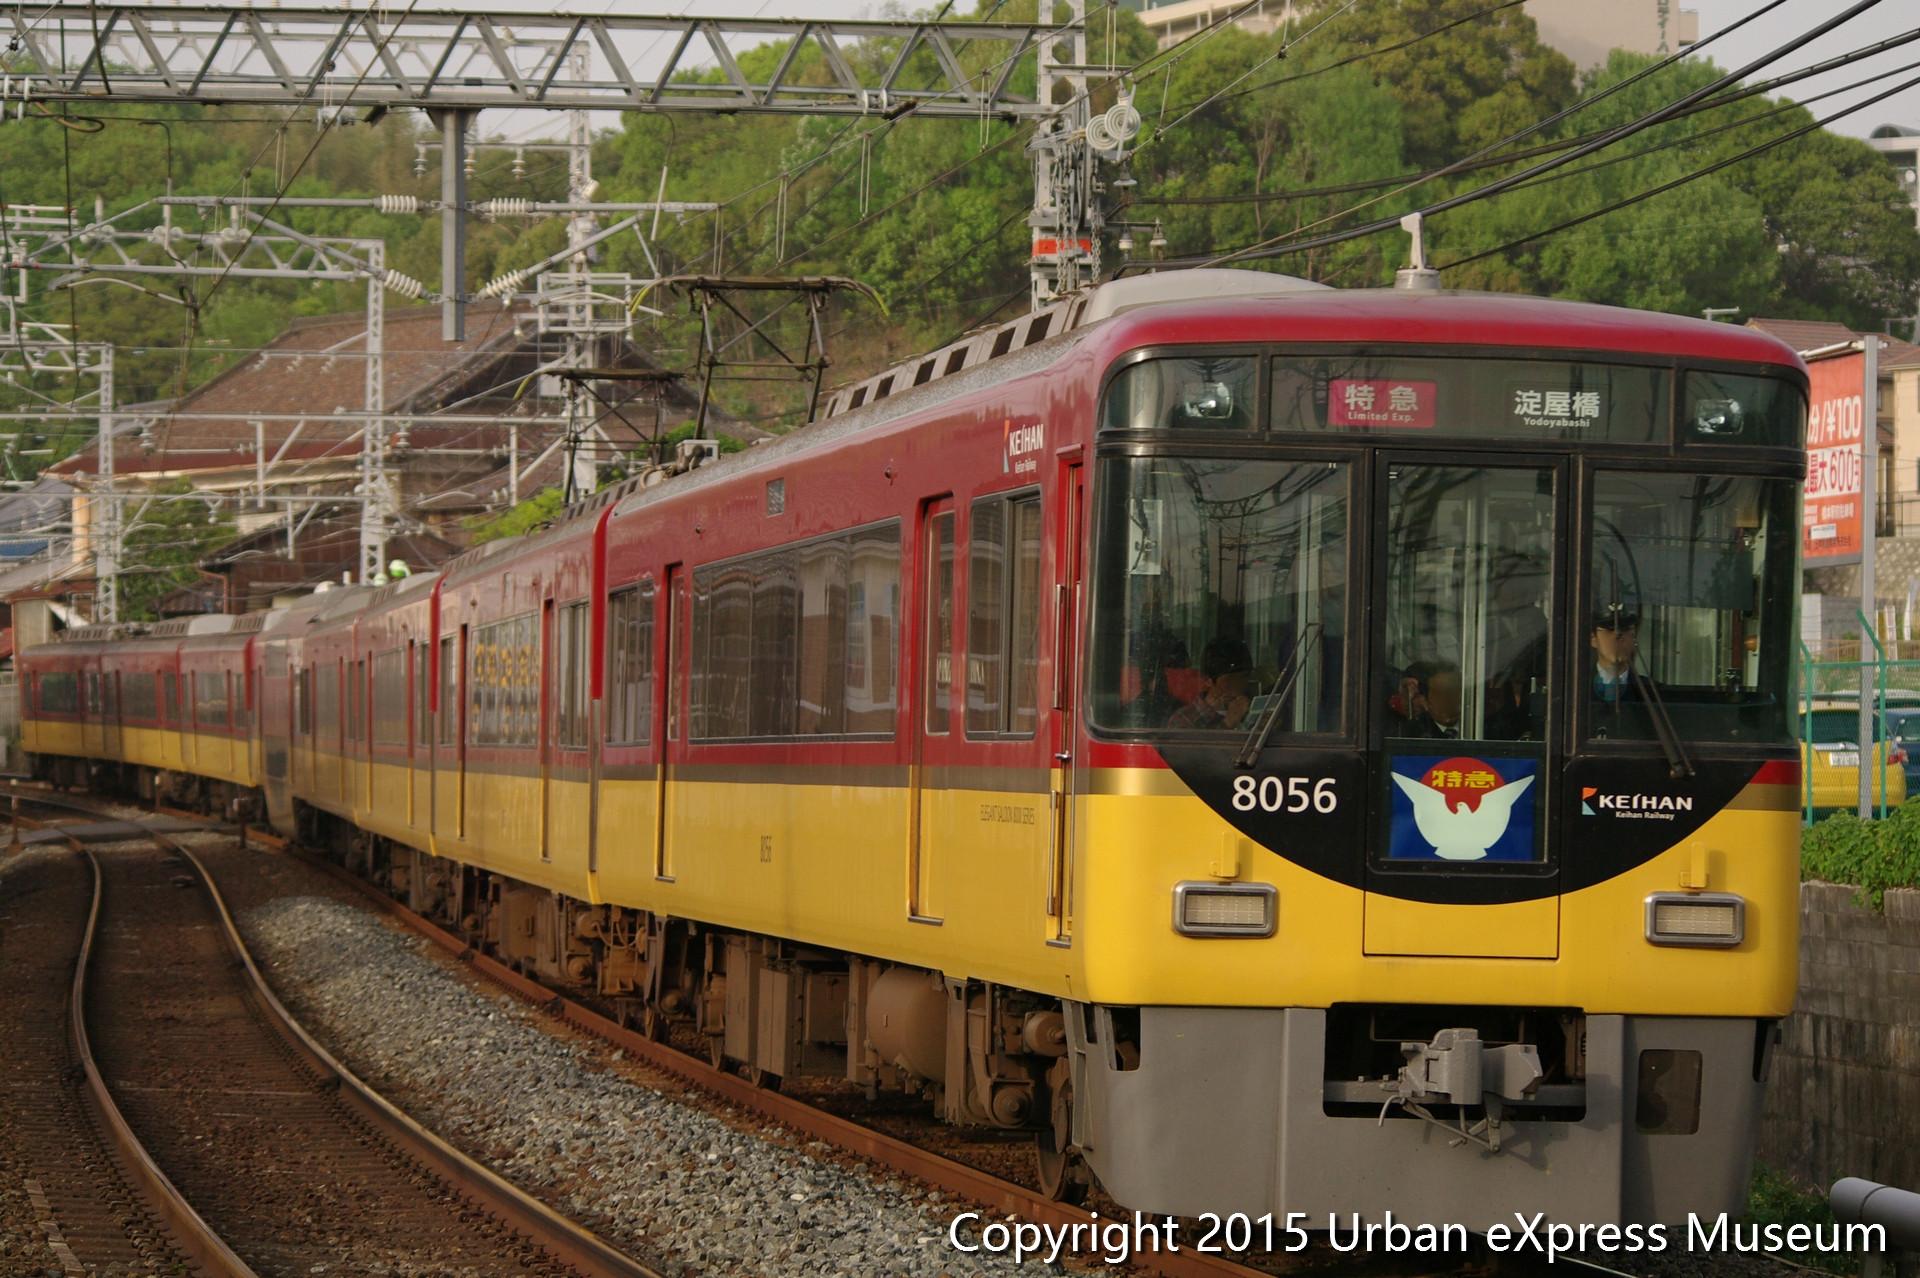 京阪8000系 - S字カーブを抜けて - Urban eXpress Museum